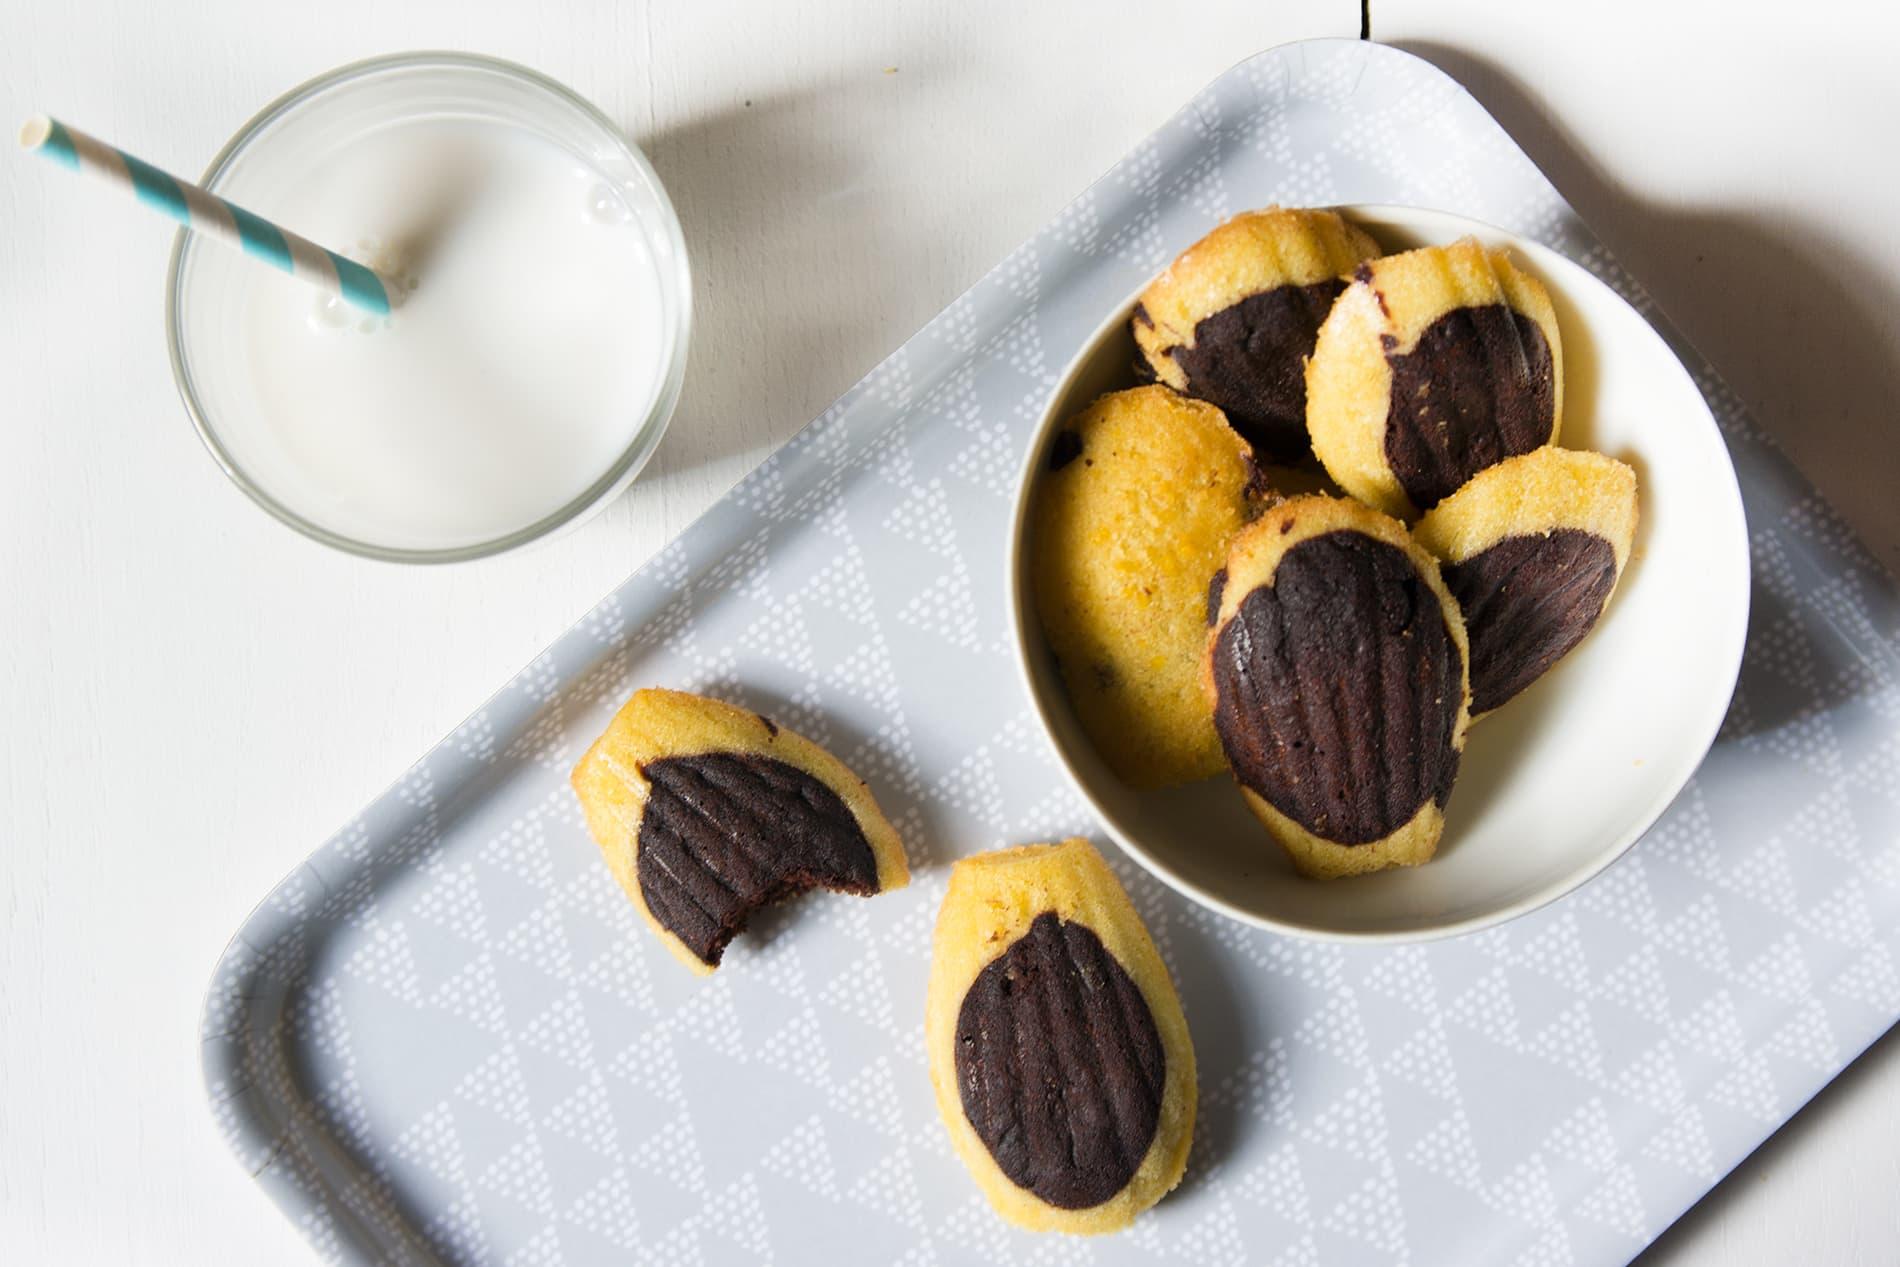 Ma recette de madeleines au chocolat sans gluten et sans lactose - 22 v'la Scarlett